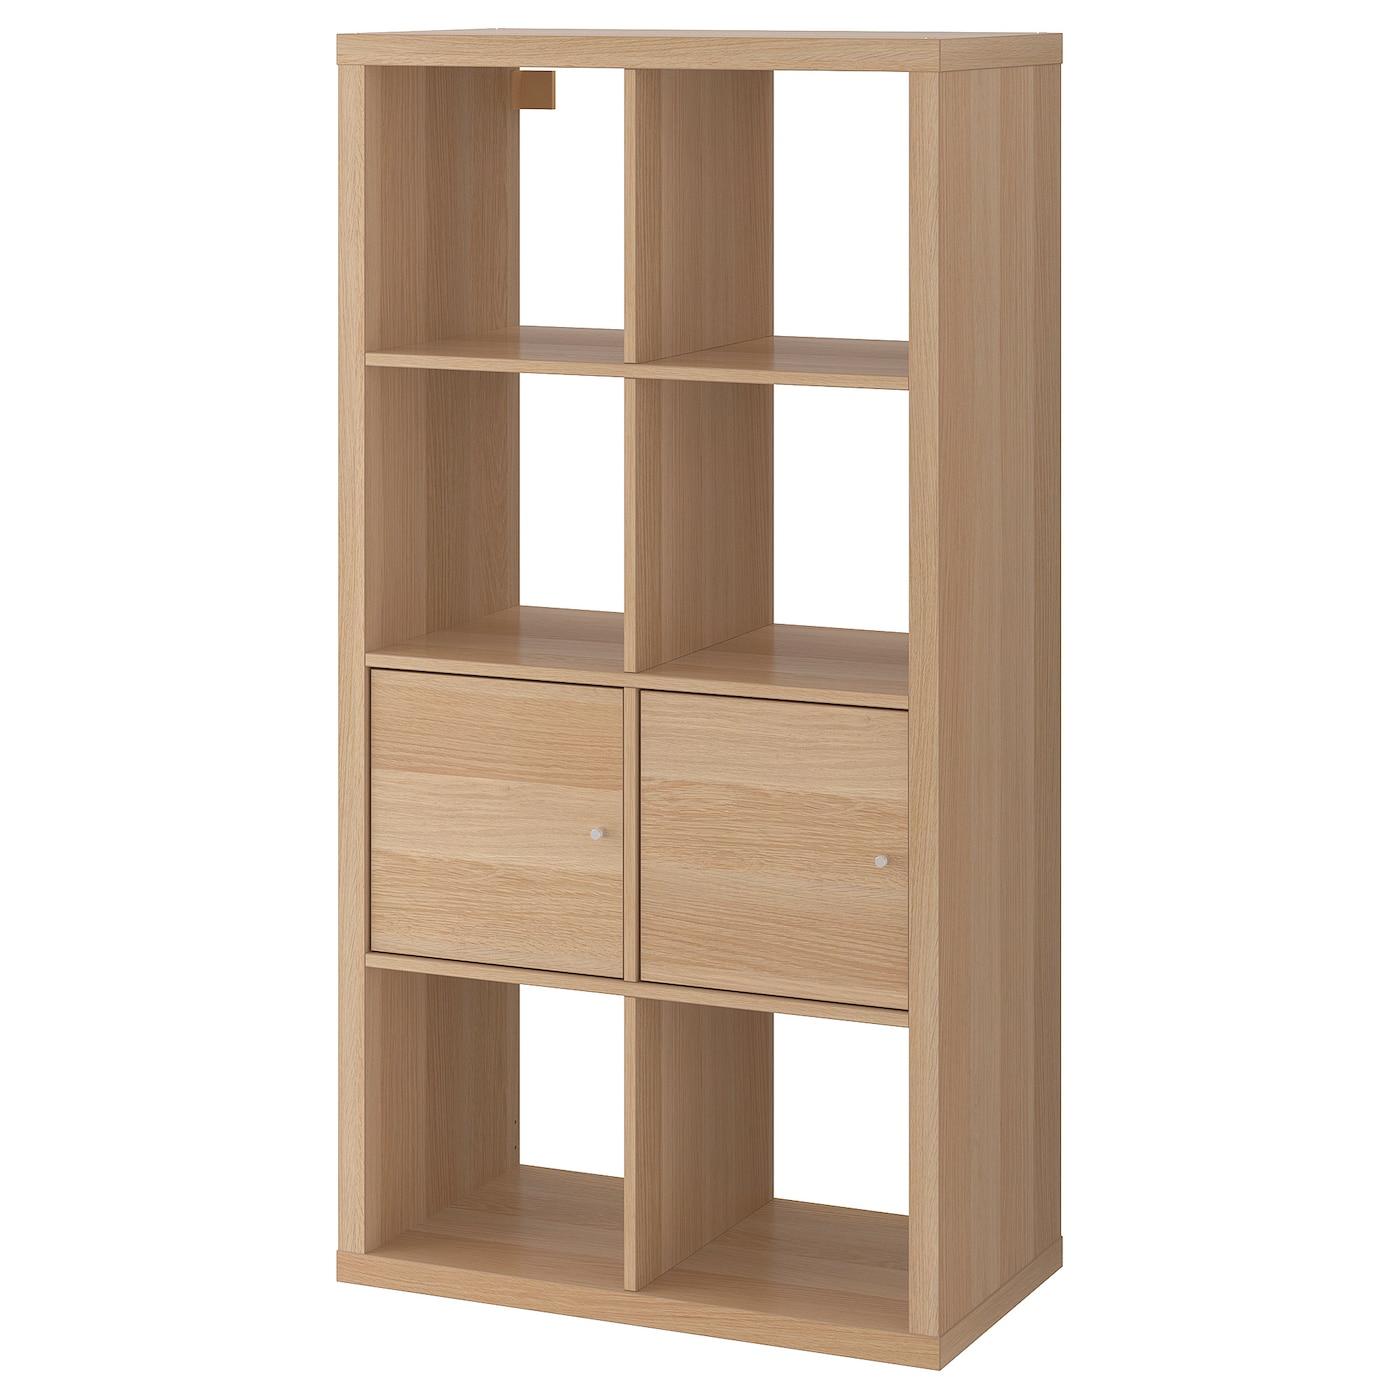 de séparation 147x147cm IKEA KALLAX étagère Chêne Effet Blanc lasiert;